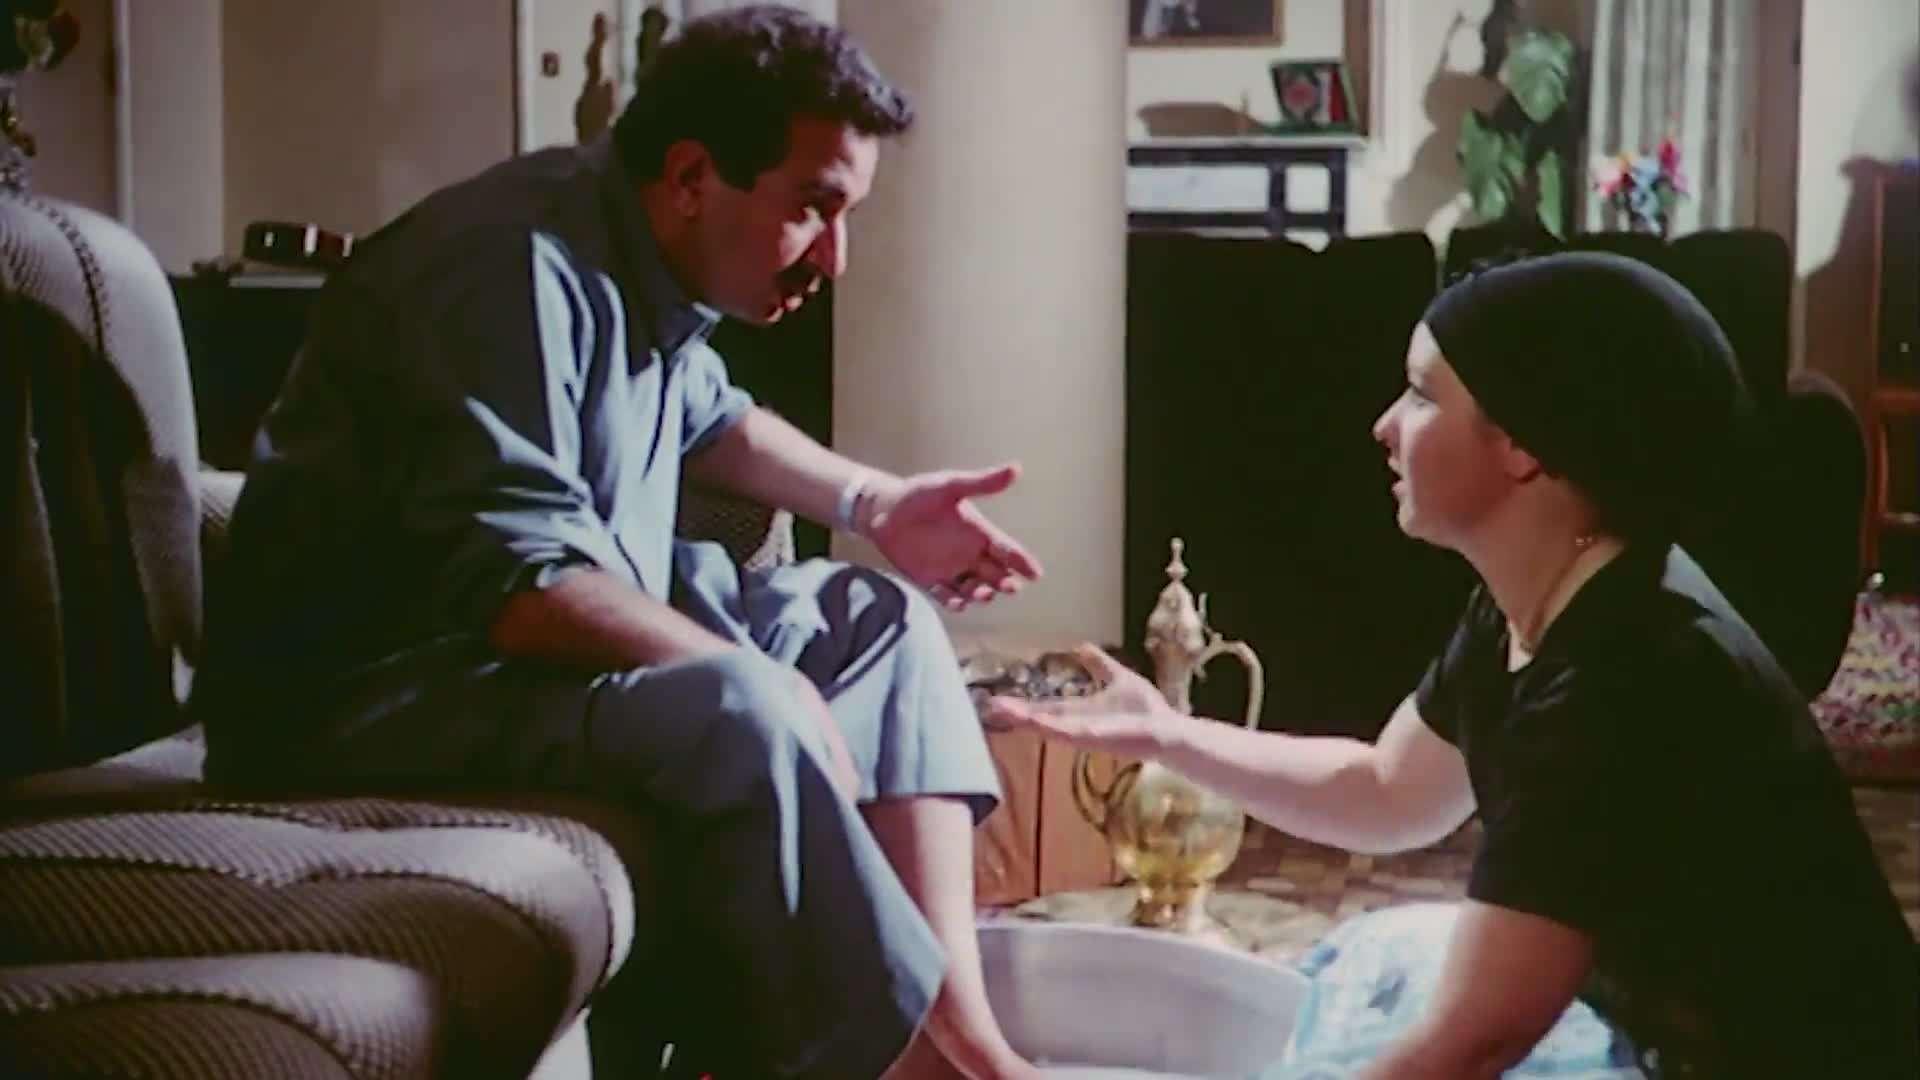 [فيلم][تورنت][تحميل][العار][1982][1080p][Web-DL] 13 arabp2p.com